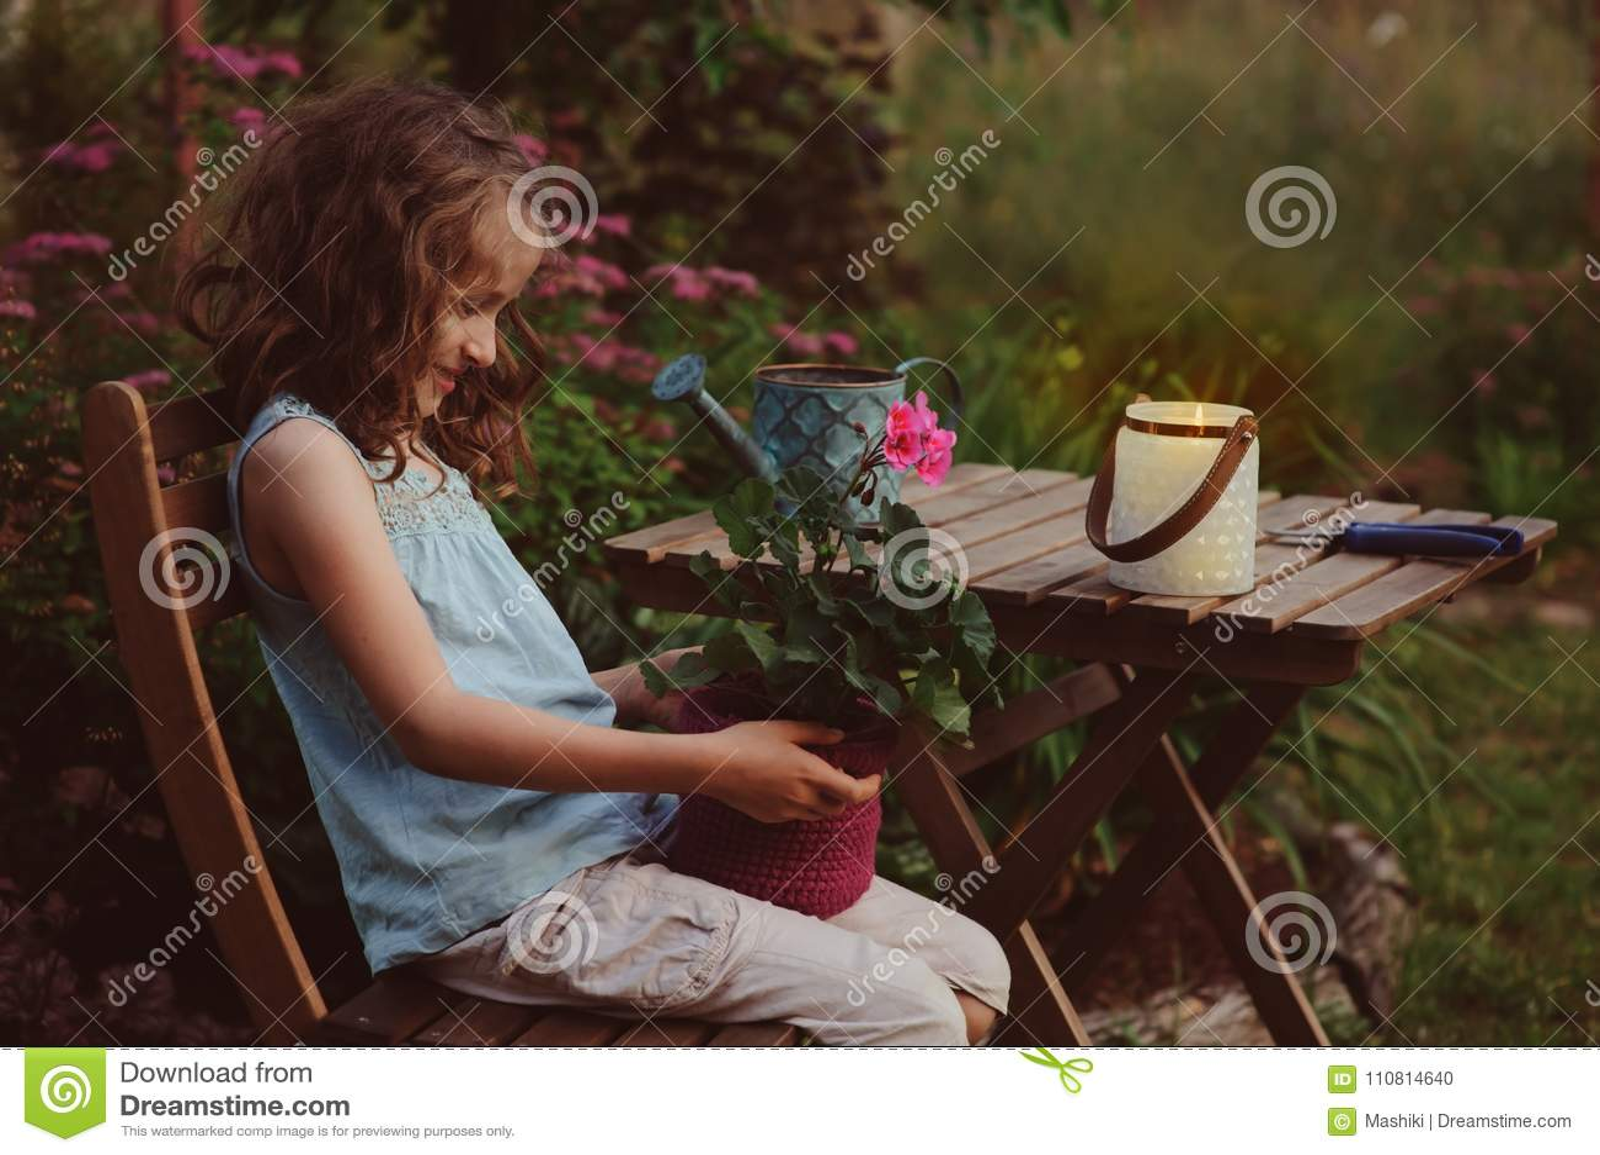 dreamy romantic kid girl relaxing in evening summer garden